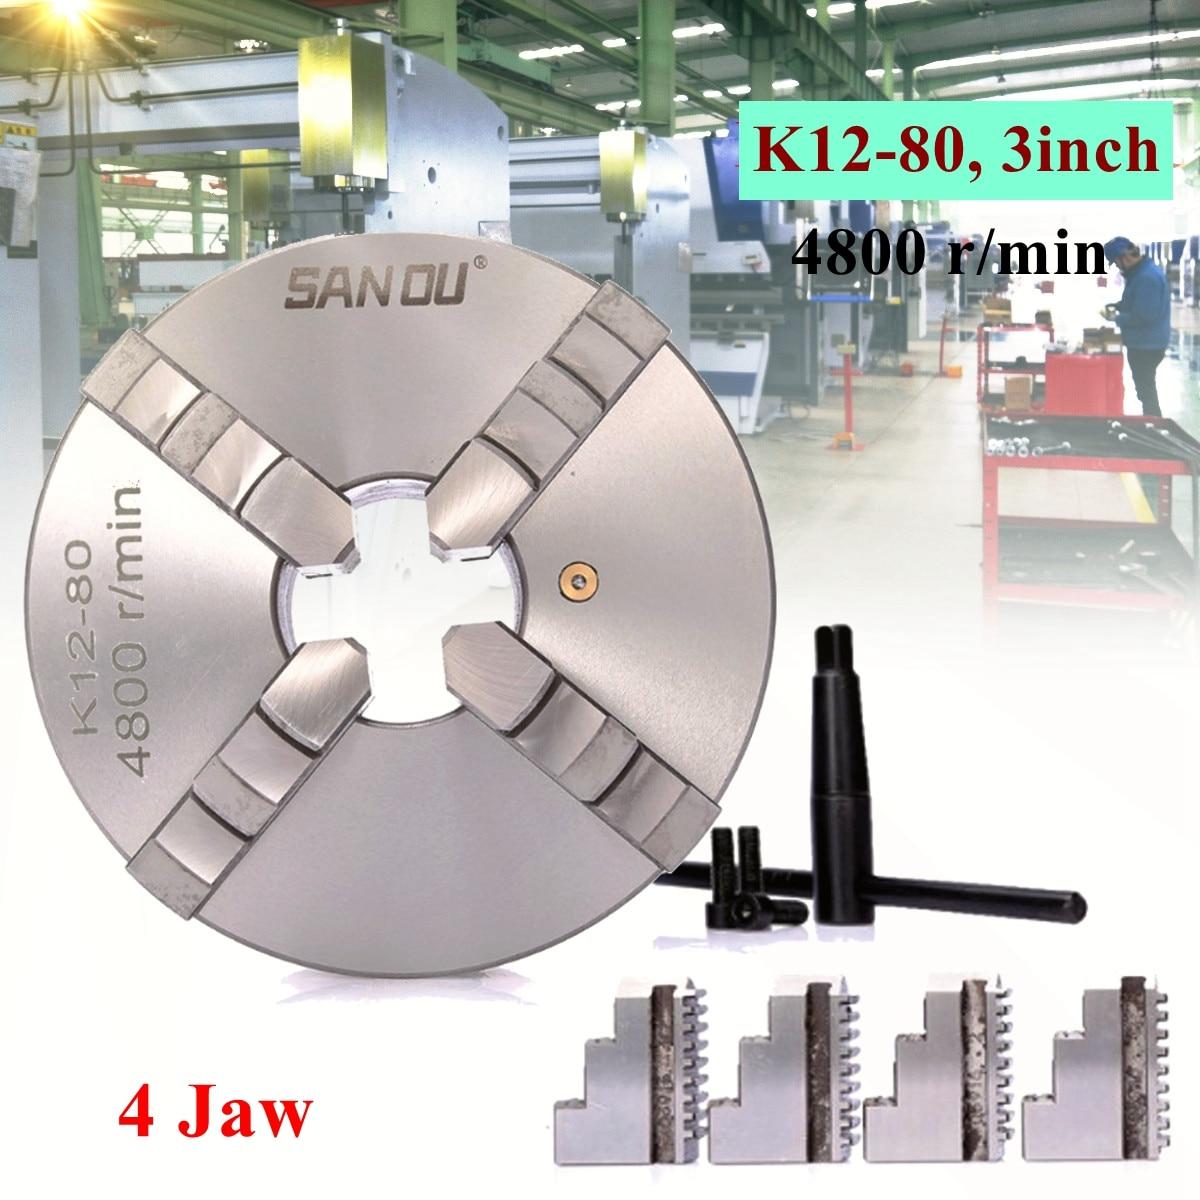 SANOU K12-80 Tornio Chuck 80mm 4 Jaw Autocentrante Hardened Reversibile Utensile da Tornio Tornio Strumenti per la Foratura Fresatrice